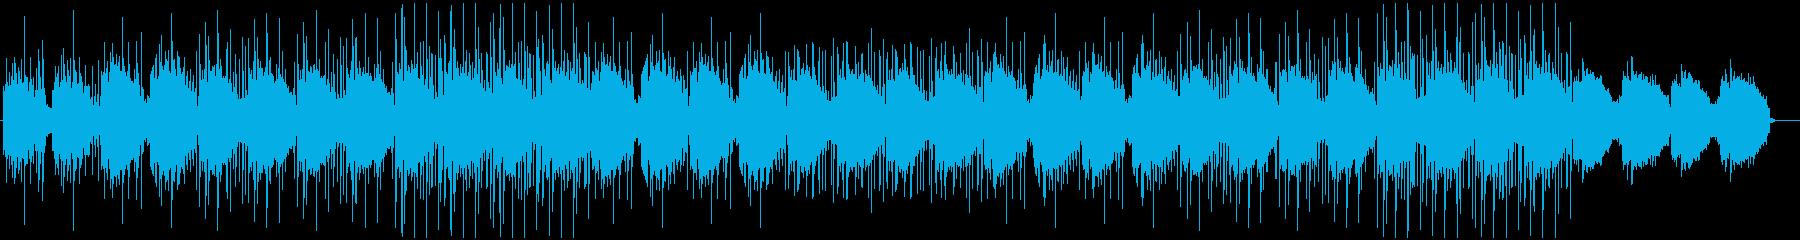 無機質なミニマルテクノ 2の再生済みの波形